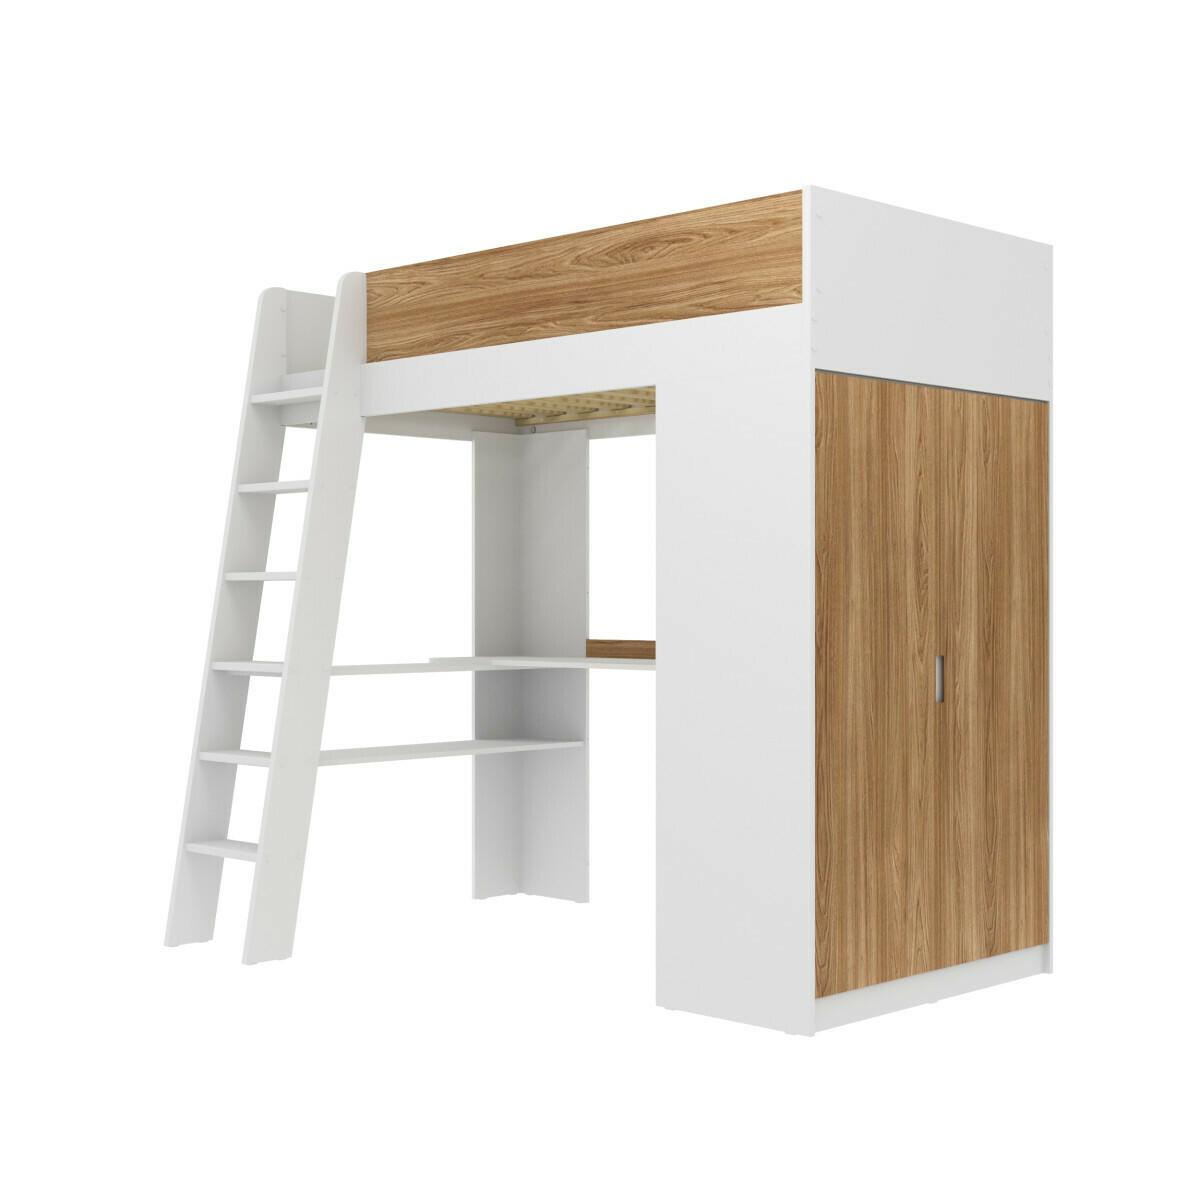 Lit mezzanine combiné Panneaux de bois 90x190 Blanc, bois